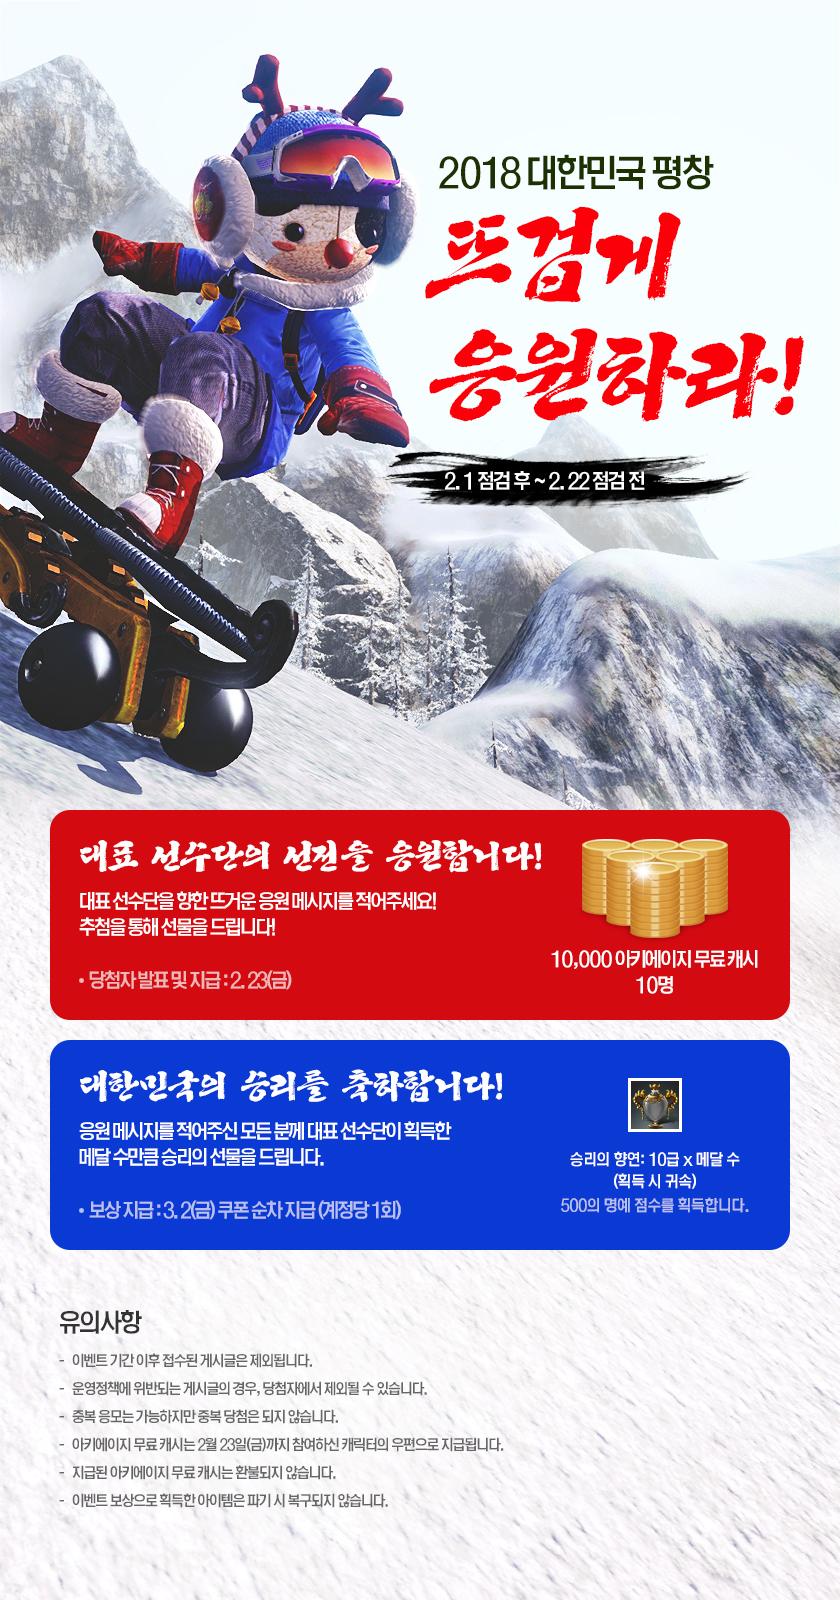 [이벤트] 2018 대한민국 평창 뜨겁게 응원하라!